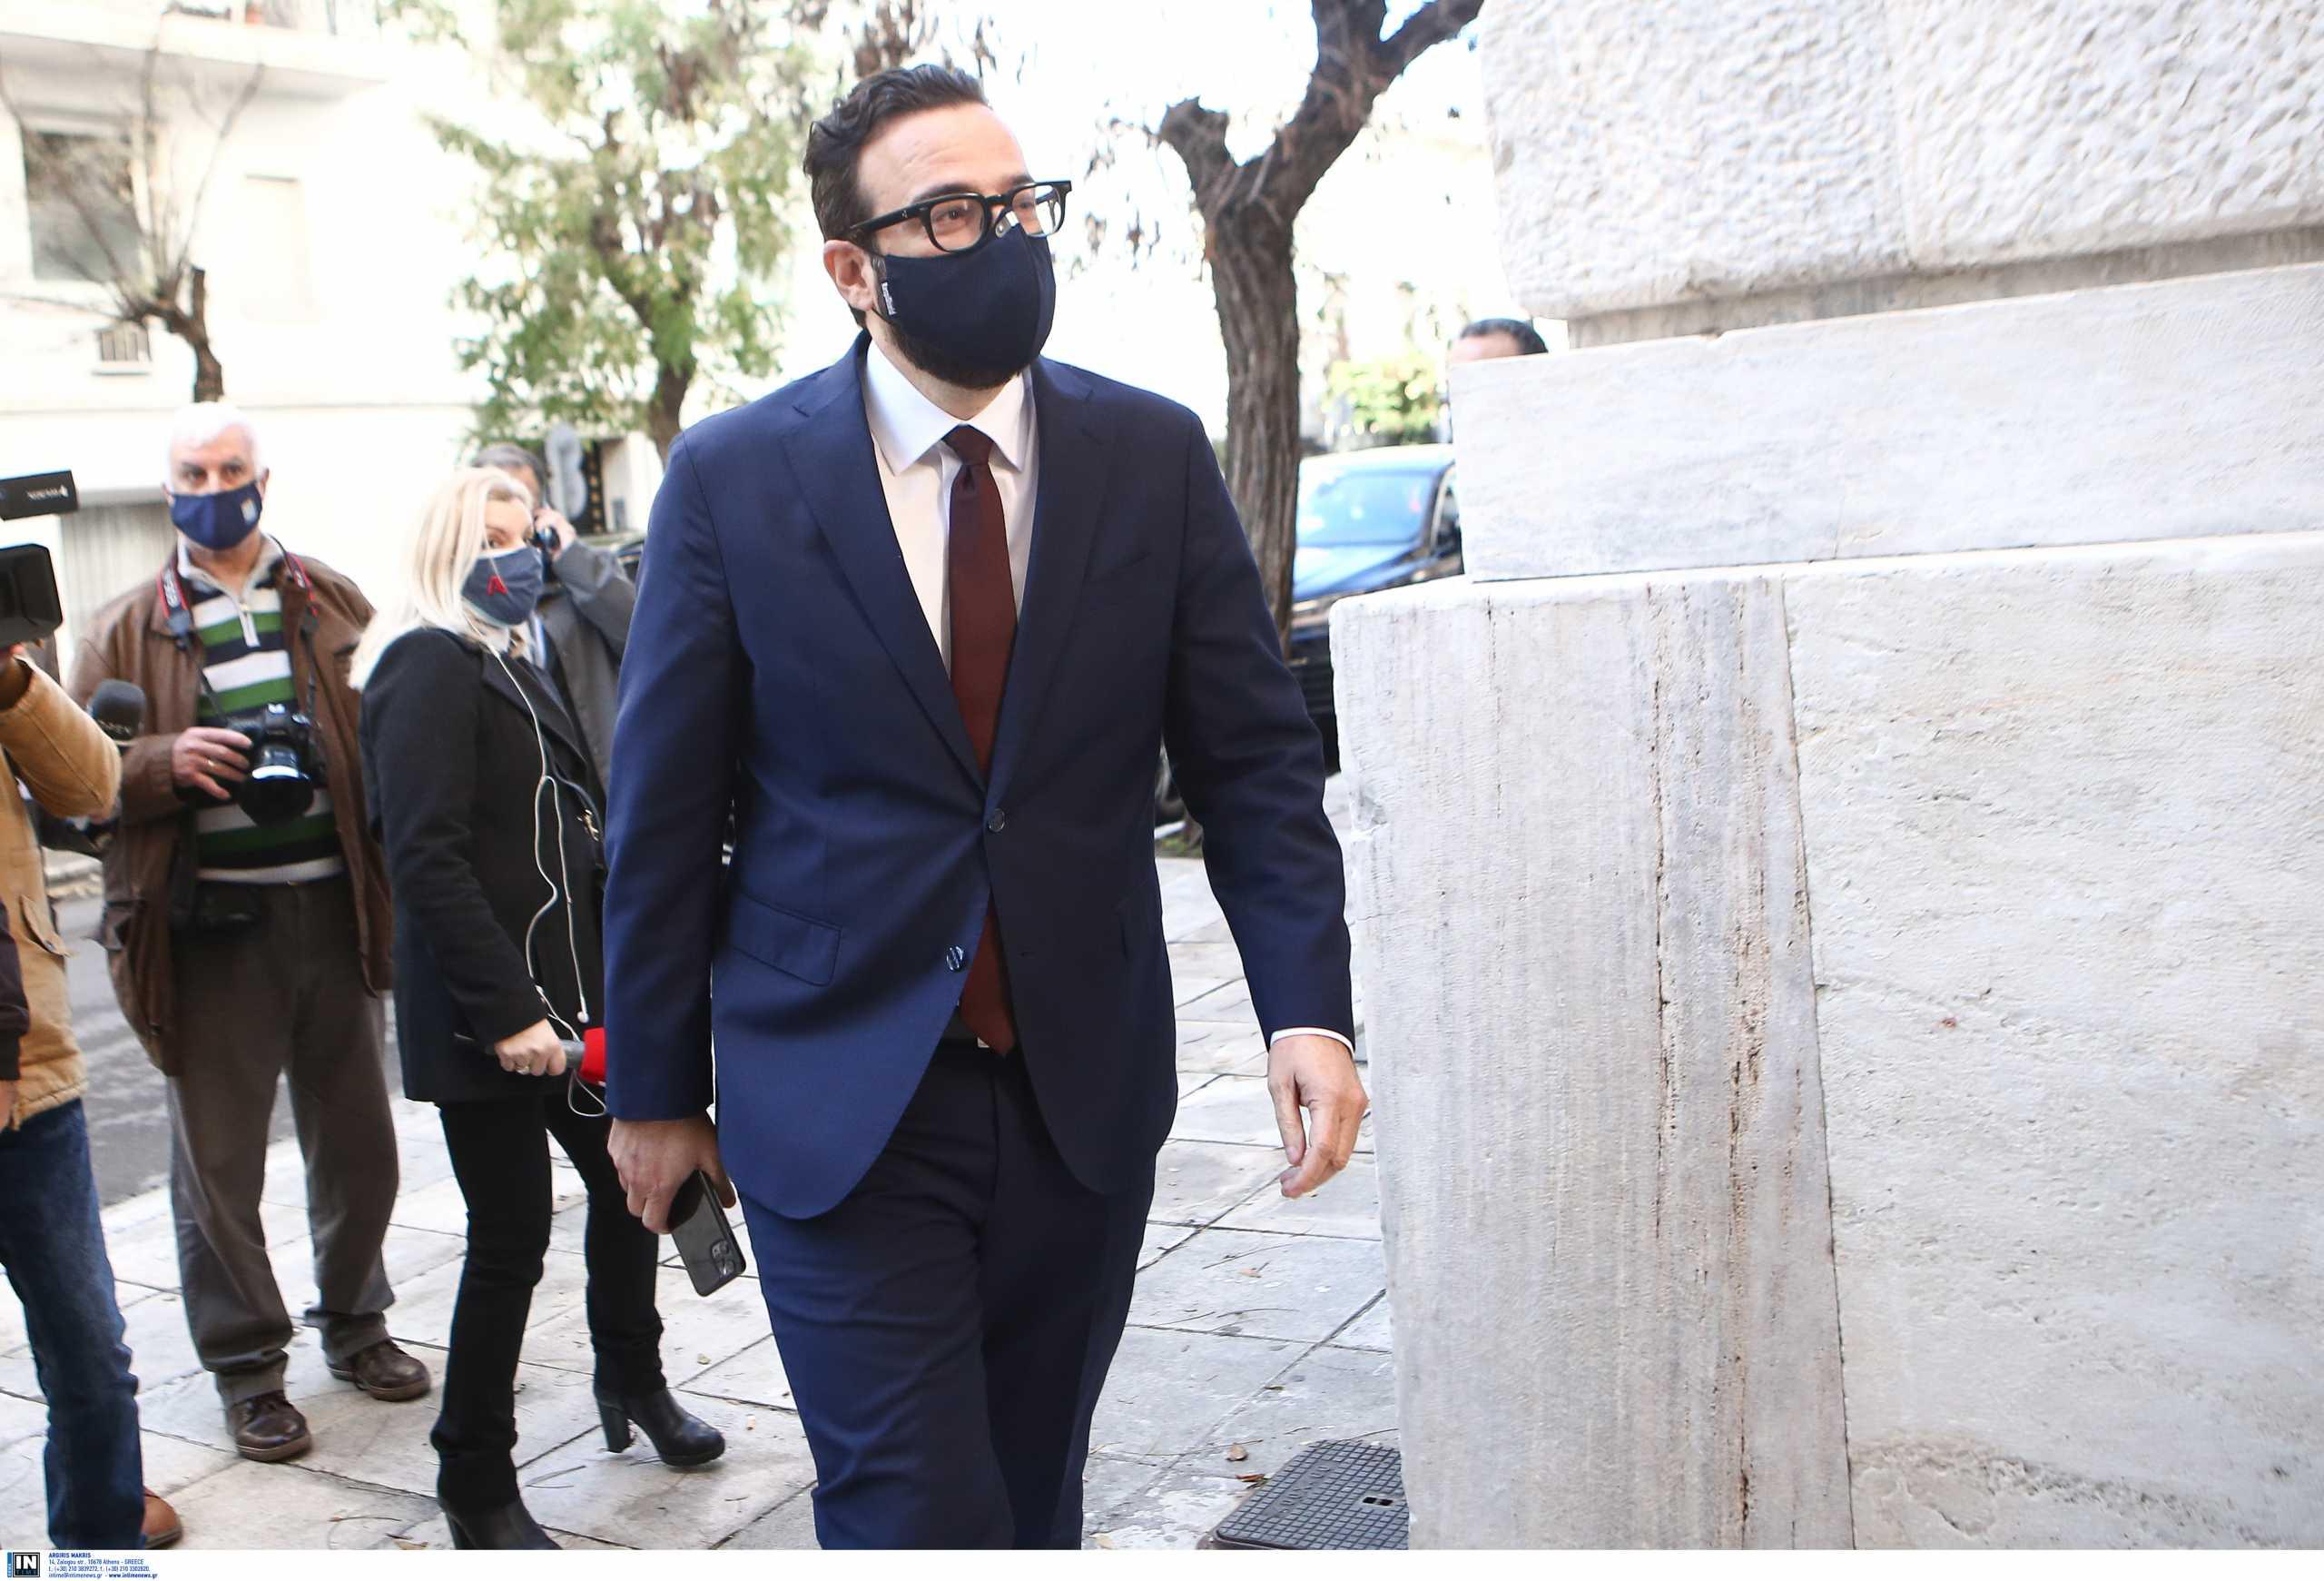 Ο Ταραντίλης απάντησε για πρώτη φορά στον Τσίπρα: Ποια απόφαση επικαλείται για τη Θεσσαλονίκη;